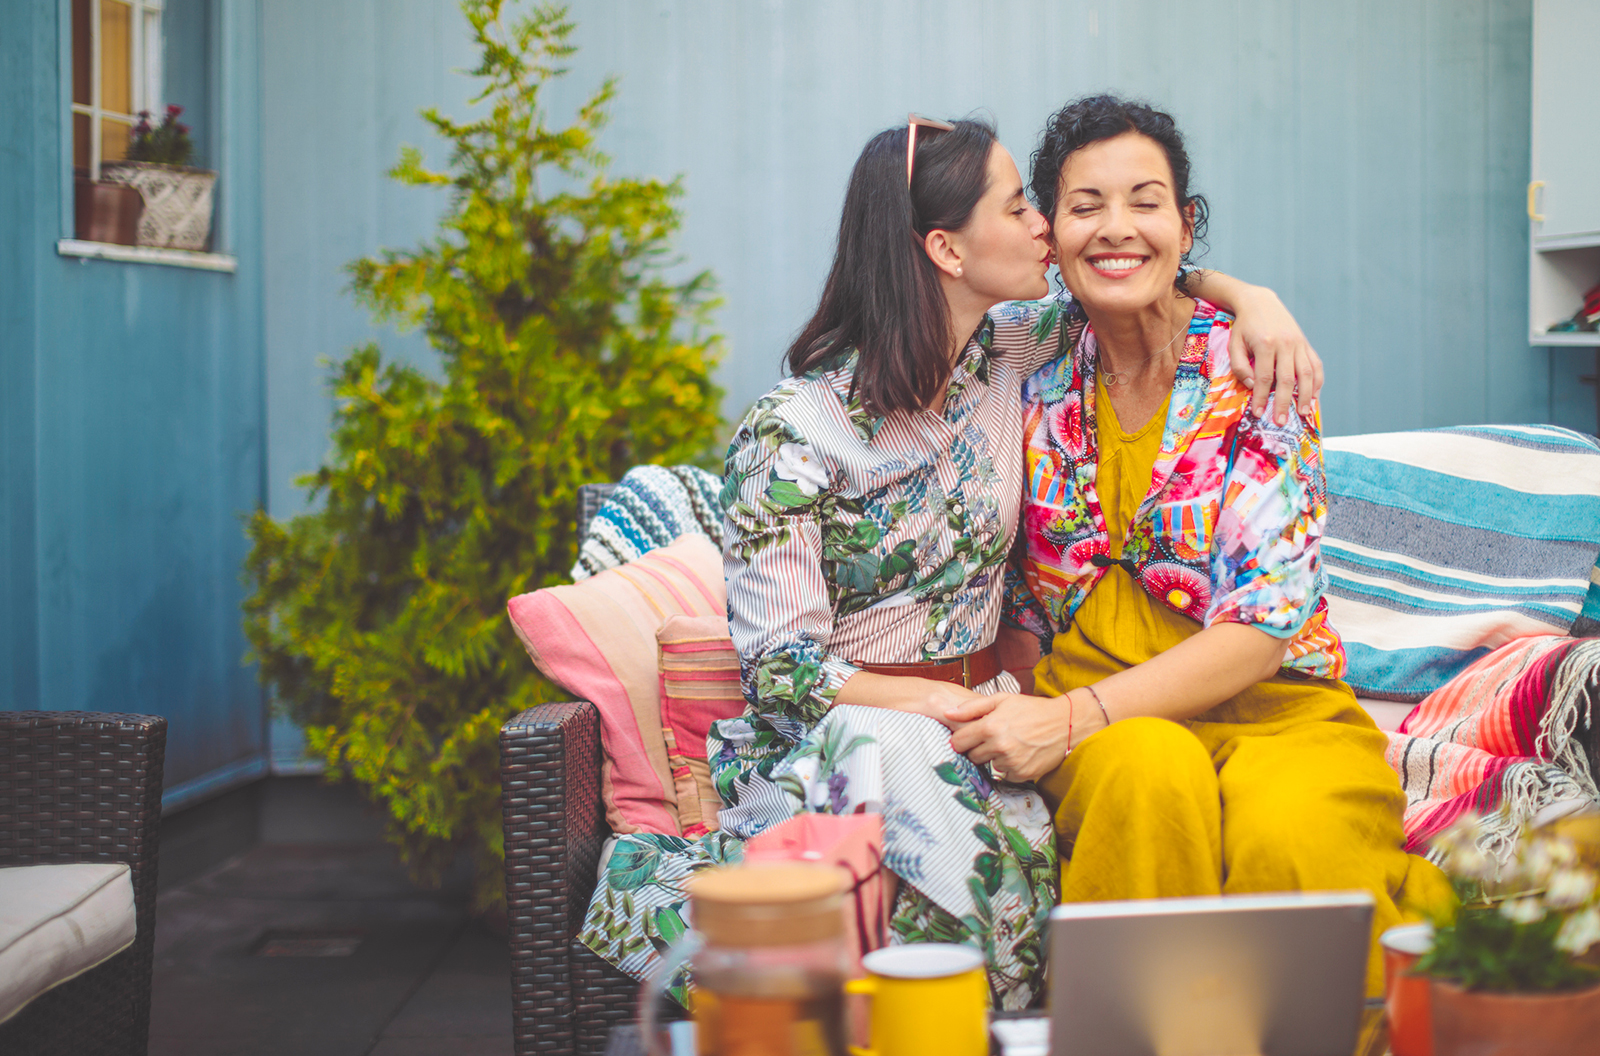 Madre e hija abrazadas - foto de stock